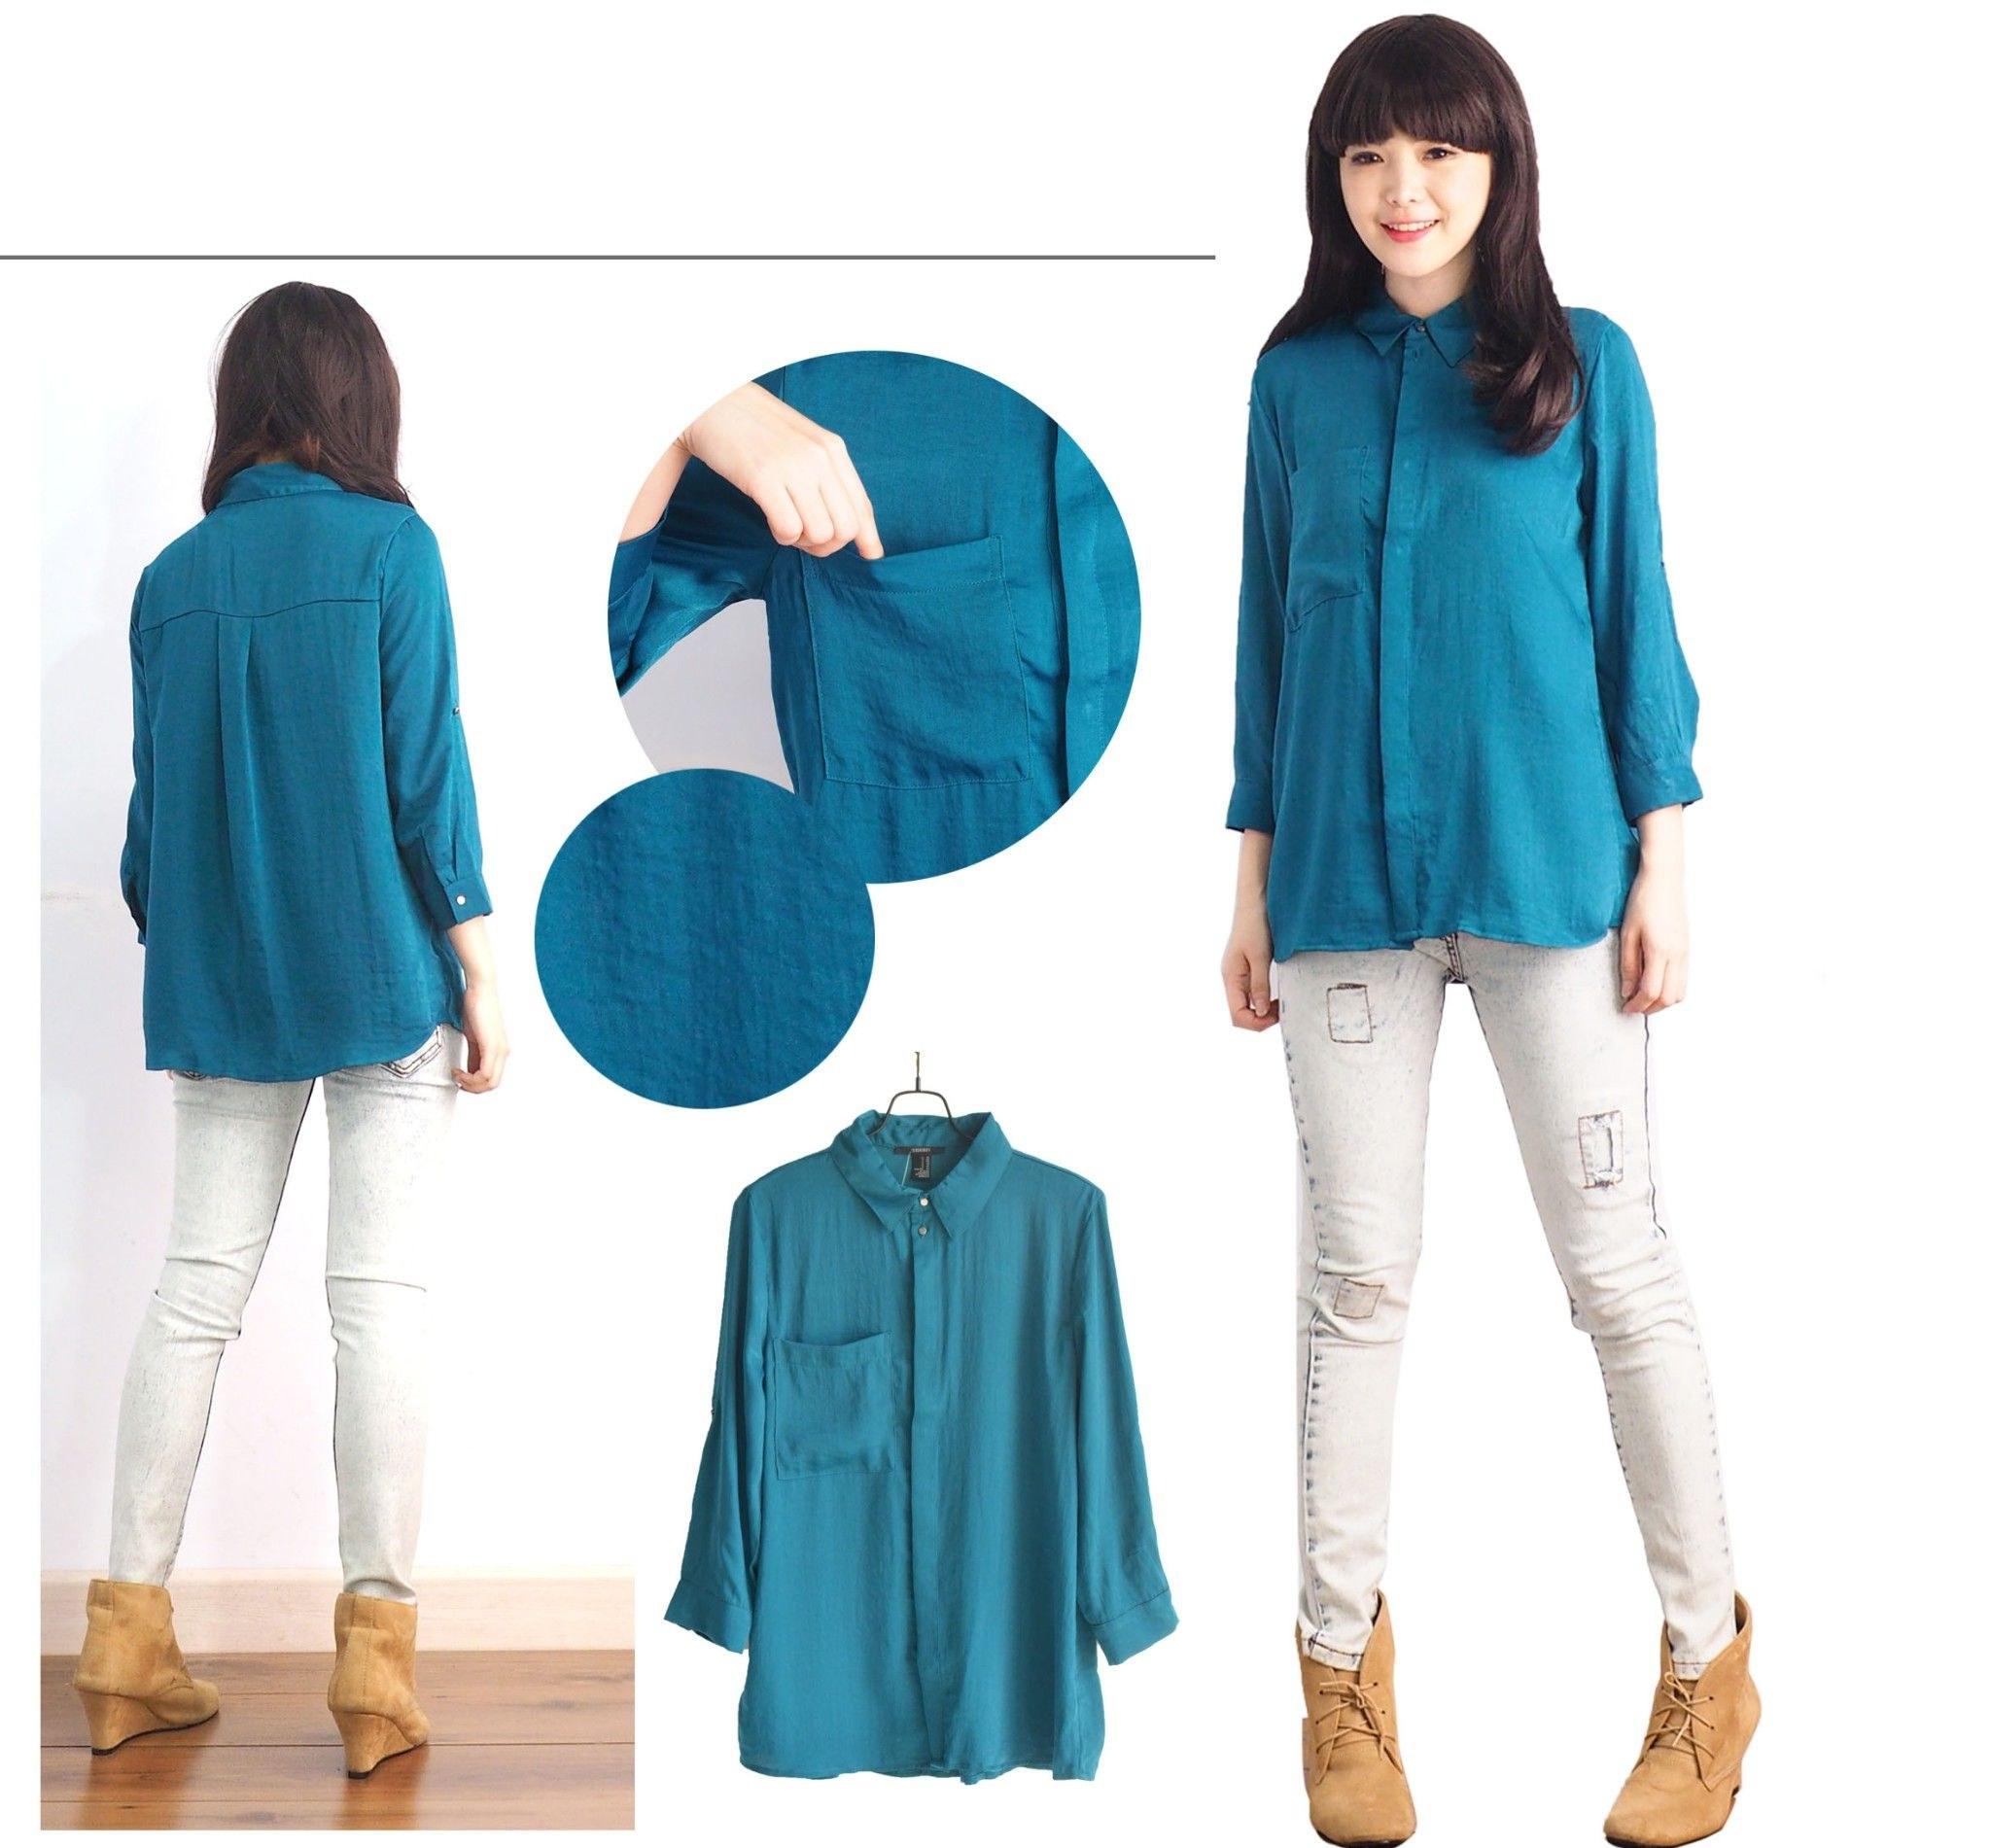 Bentuk Model Baju Lebaran Wanita Terbaru E6d5 Blouse Muslim Model Pakaian Wanita Terbaru Pakaian Bayi